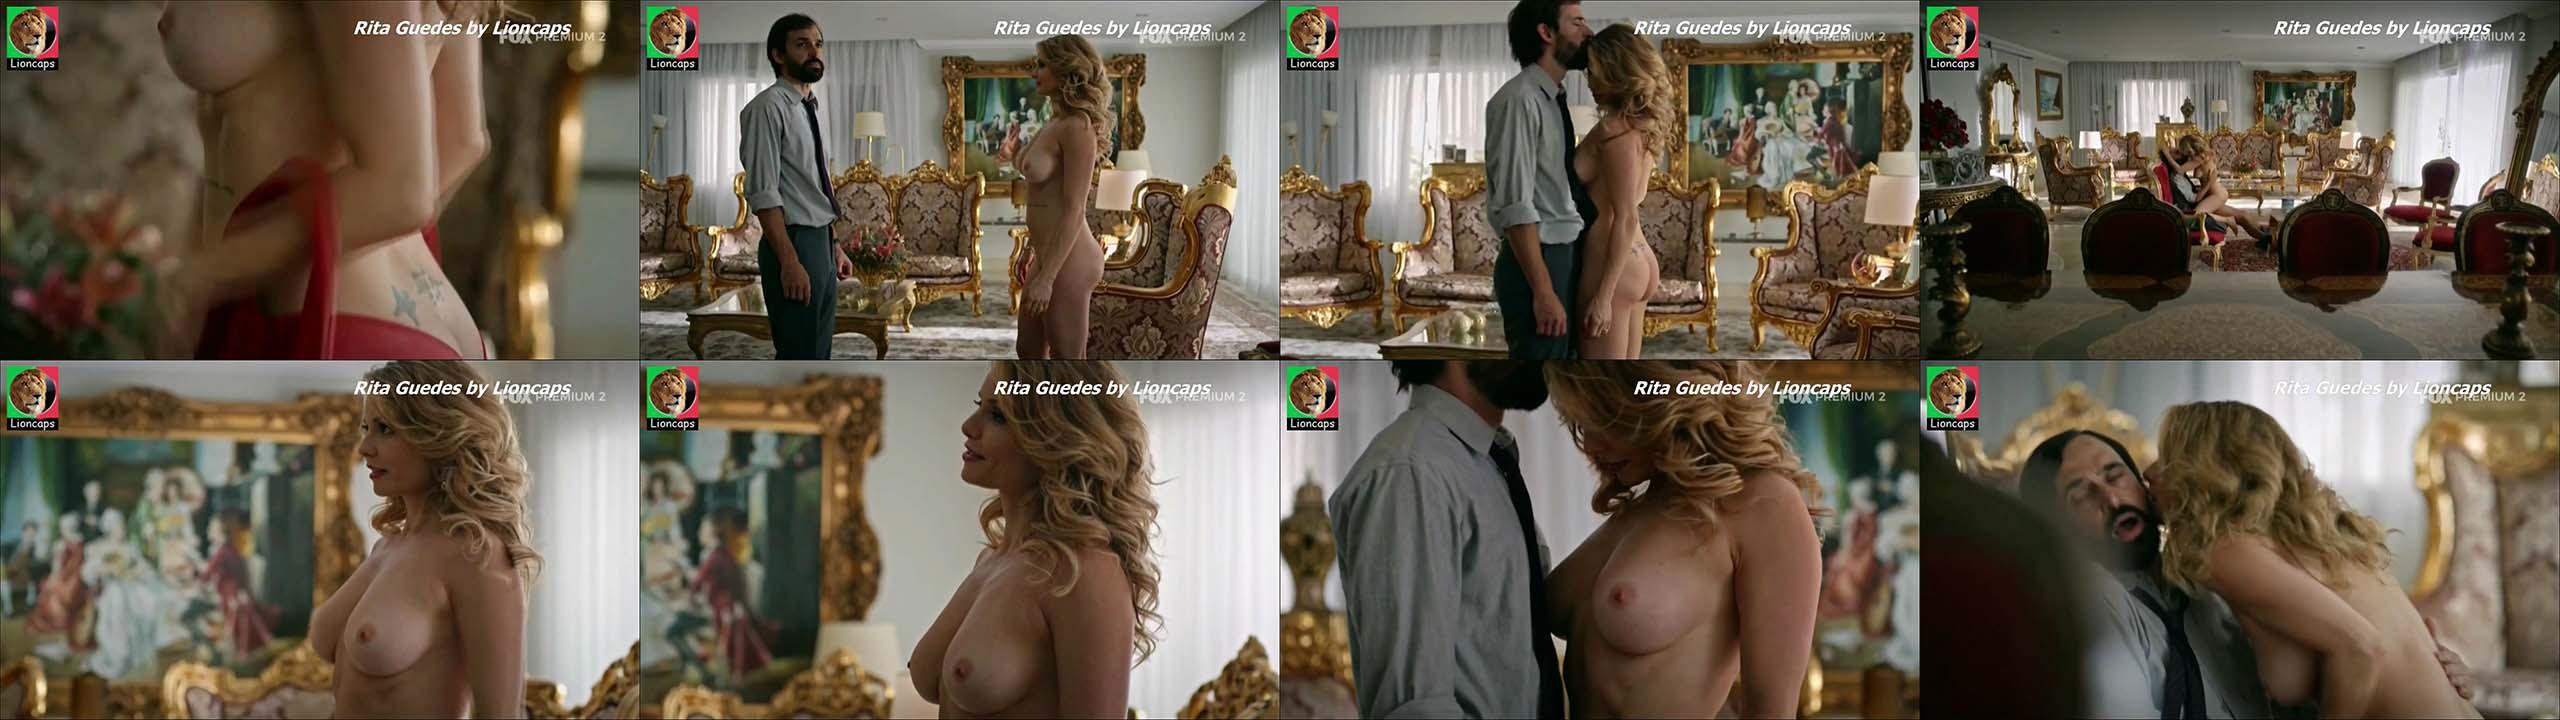 112802582_rita_guedes_1contra_todos_lioncaps_22_05_2019_123_188lo.jpg